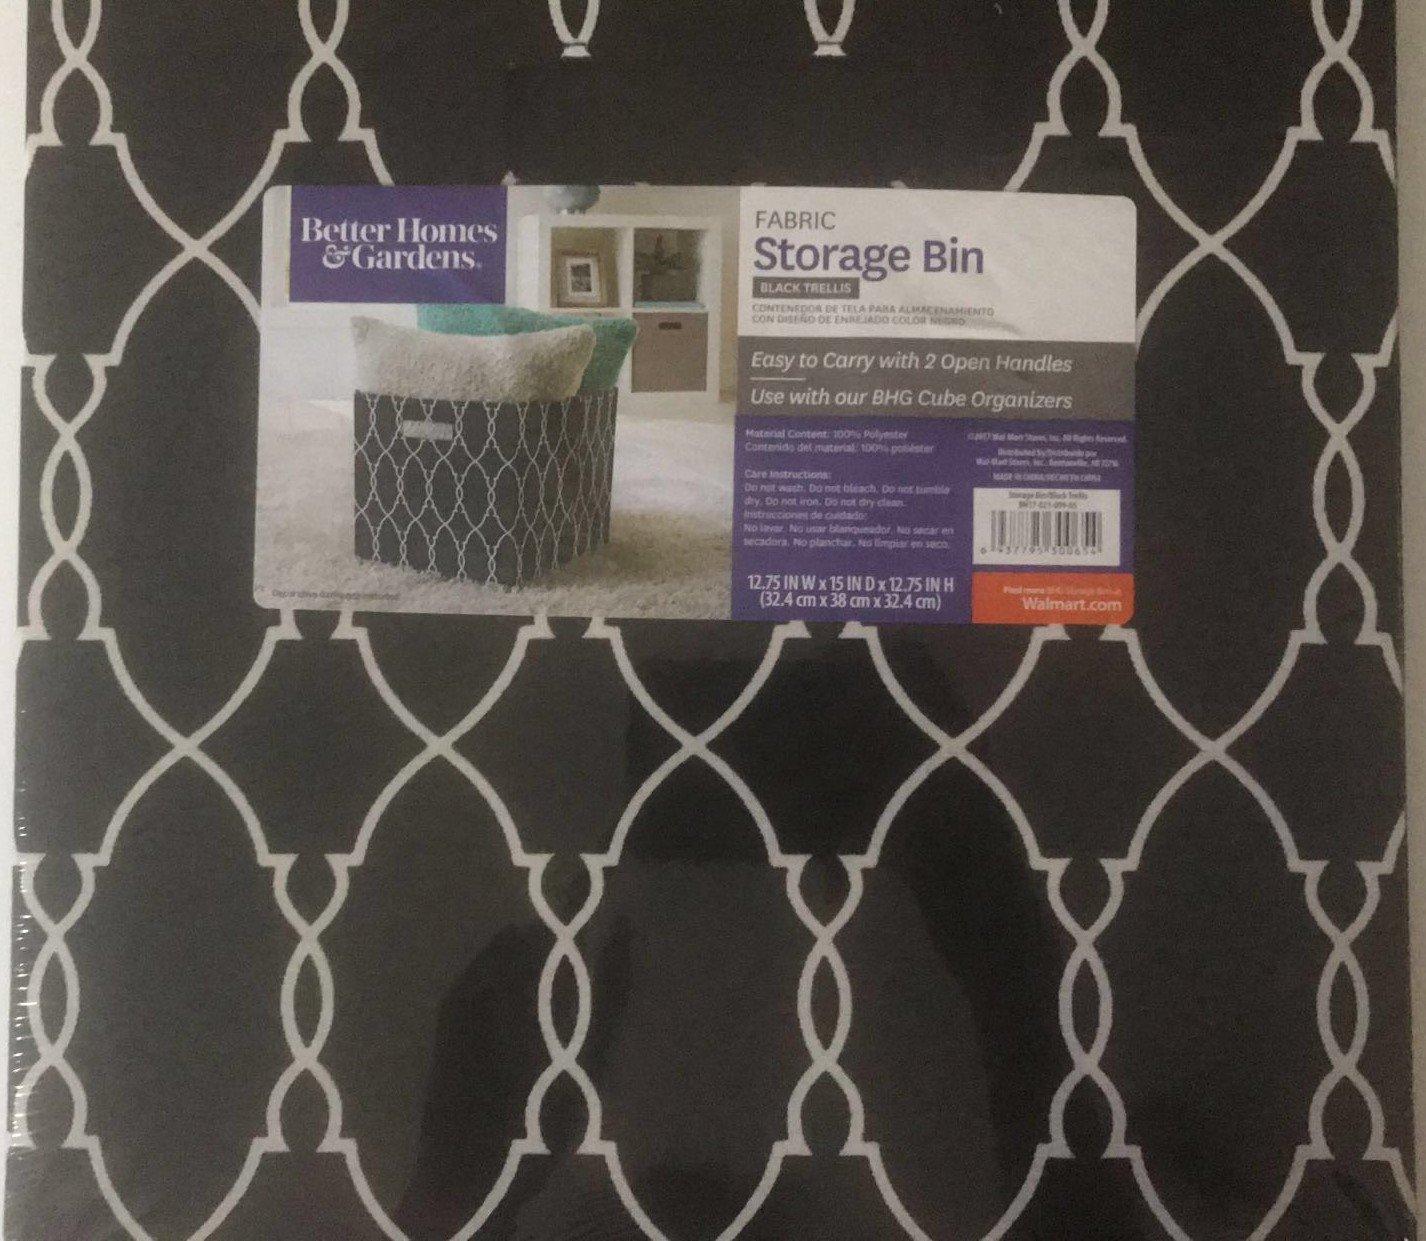 Better Homes & Garden Fabric Storage Bin - Black Trellis